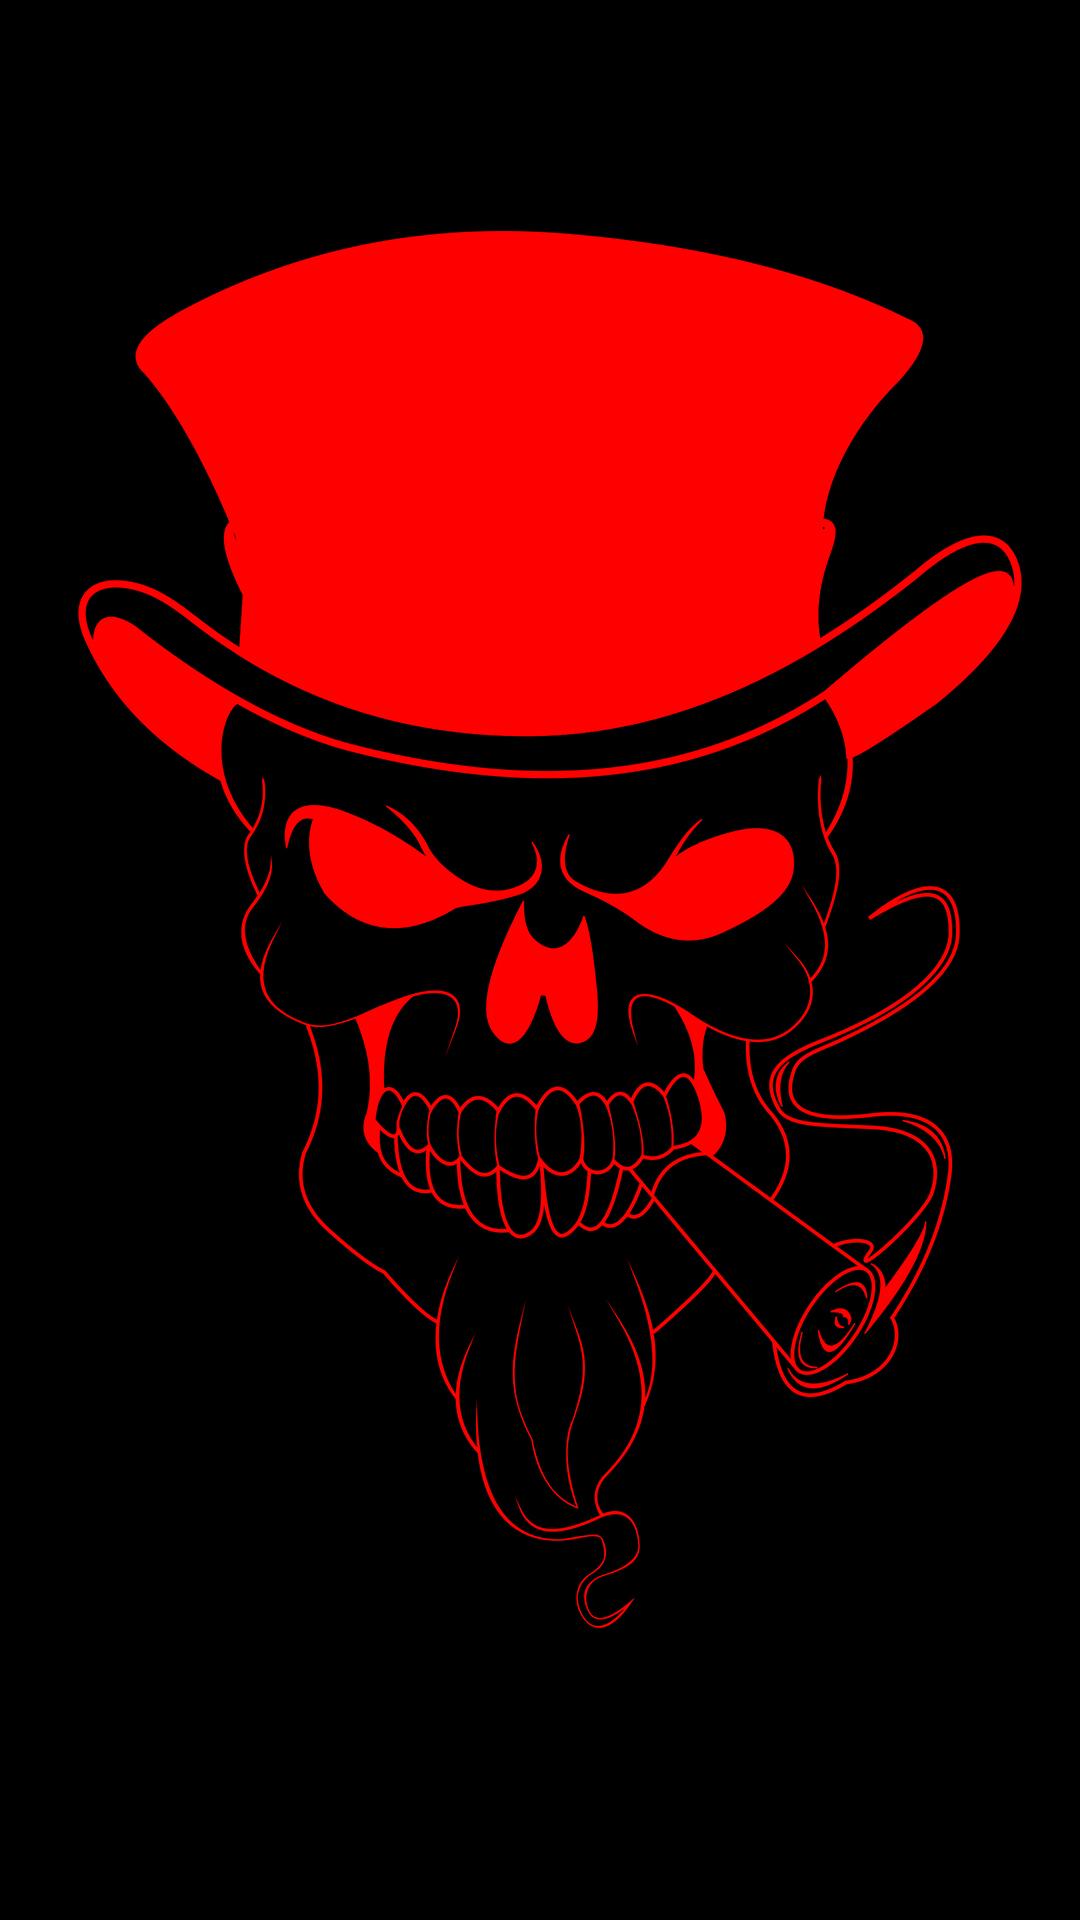 Wallpaper : Skull Bones, red, eyes